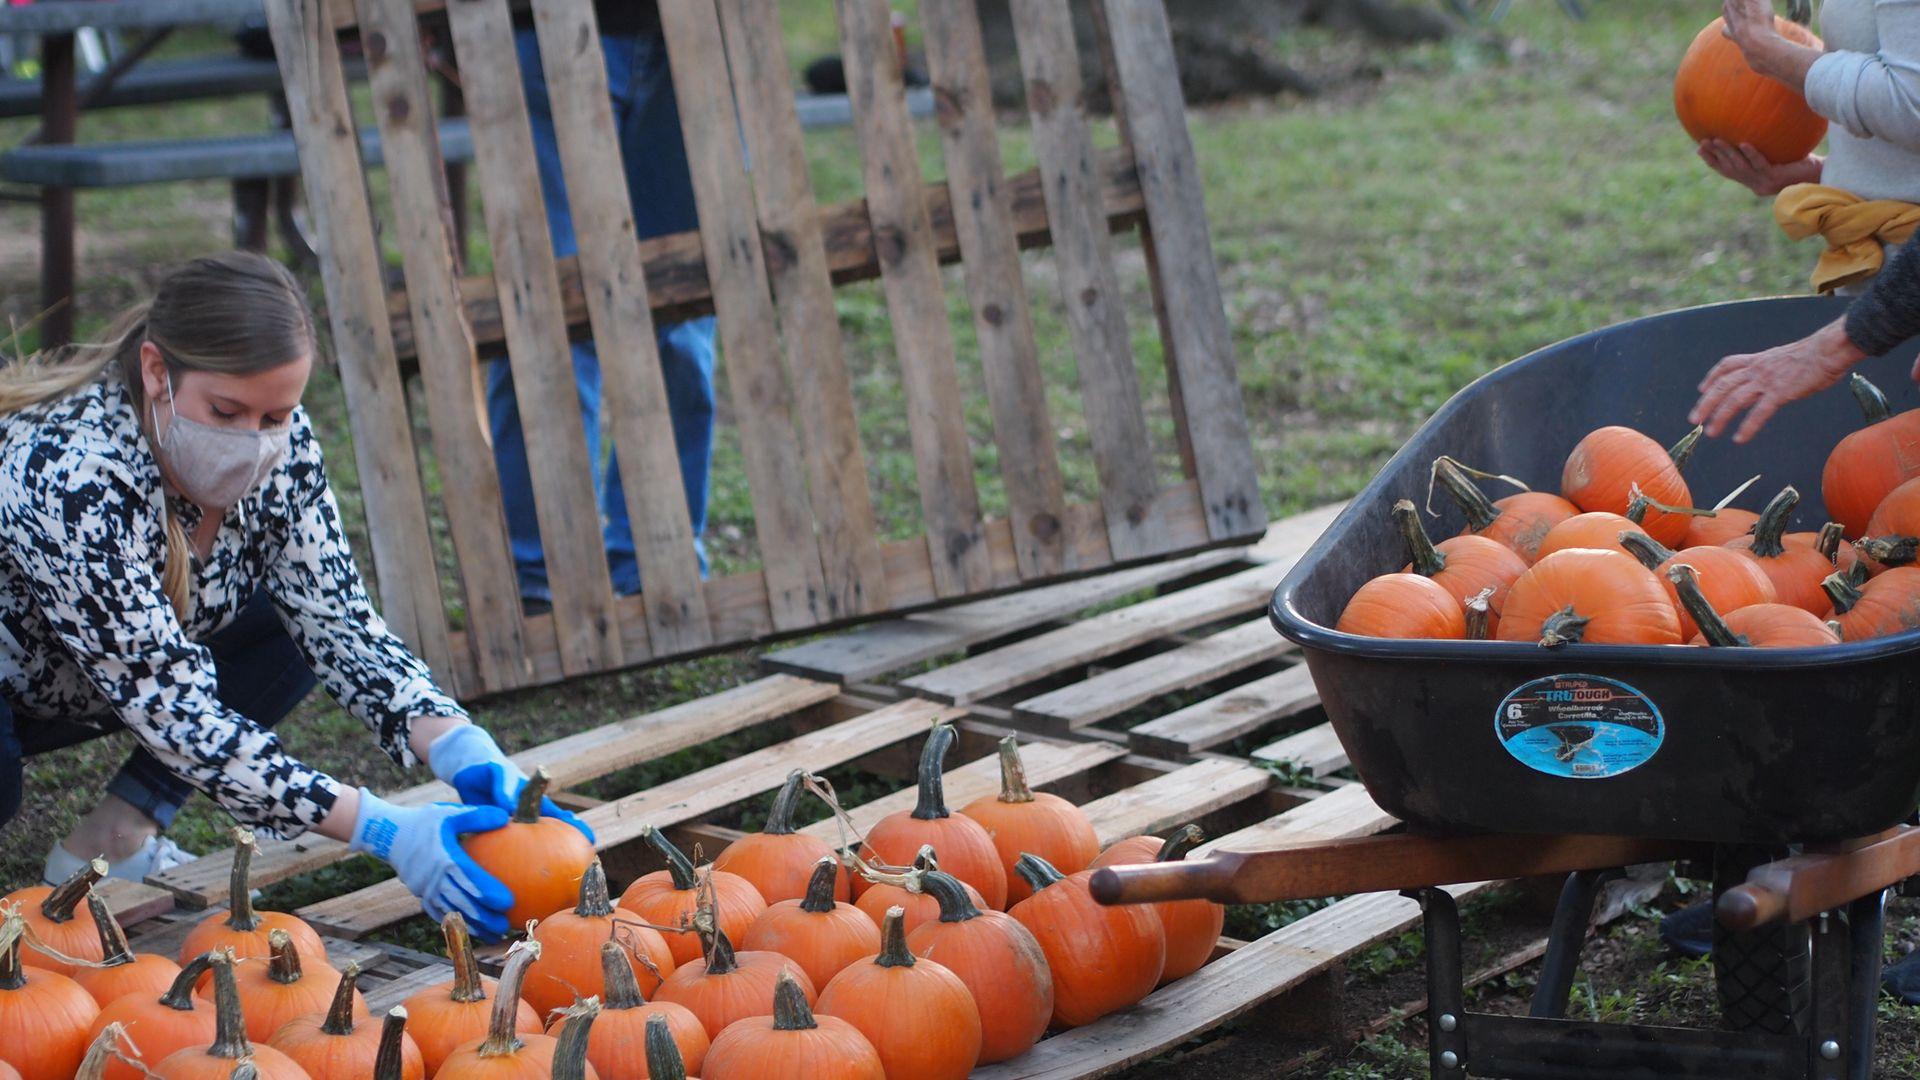 Volunteers prep pumpkins at an Austin pumpkin patch.